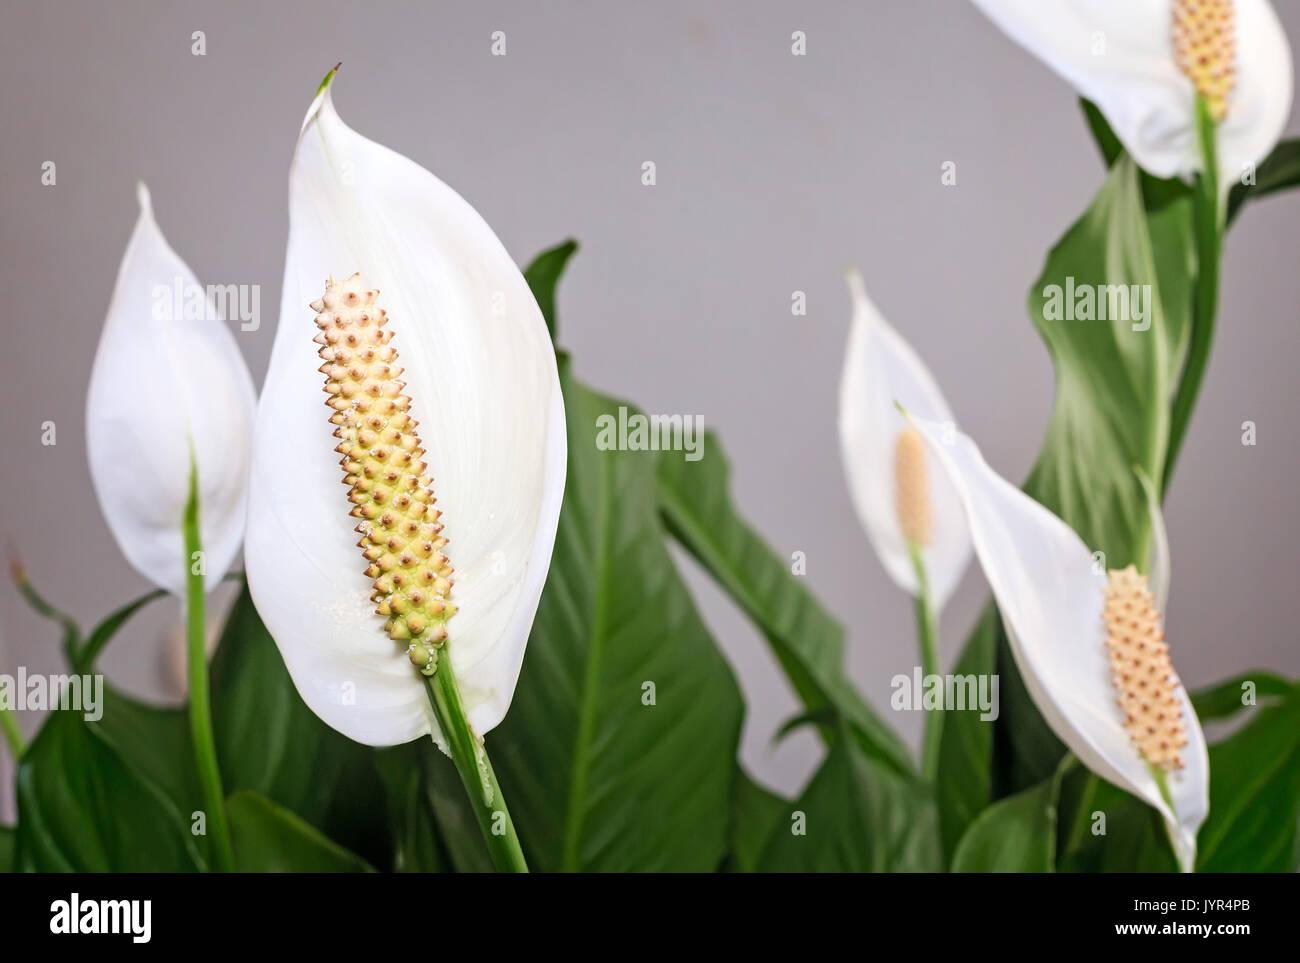 Schöne, weiße Blumen und grüne Blätter tropische Blume Spathiphyllum auf einem hellen Hintergrund. Stockfoto